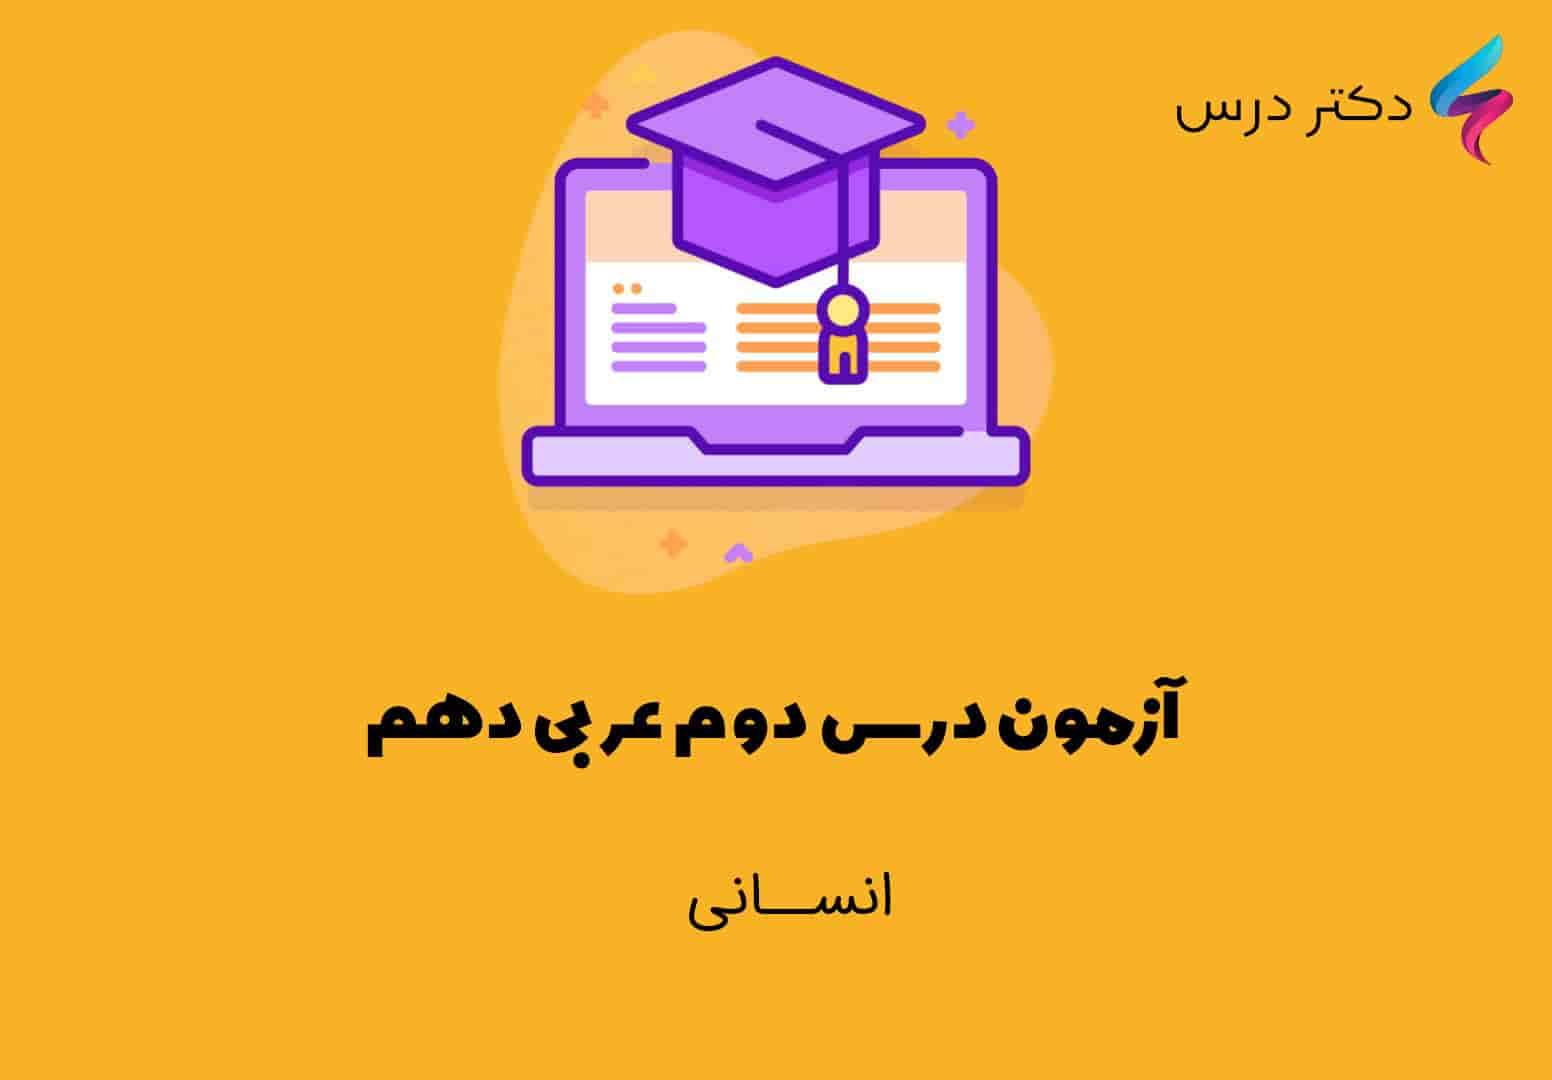 آزمون درس دوم عربی دهم انسانی